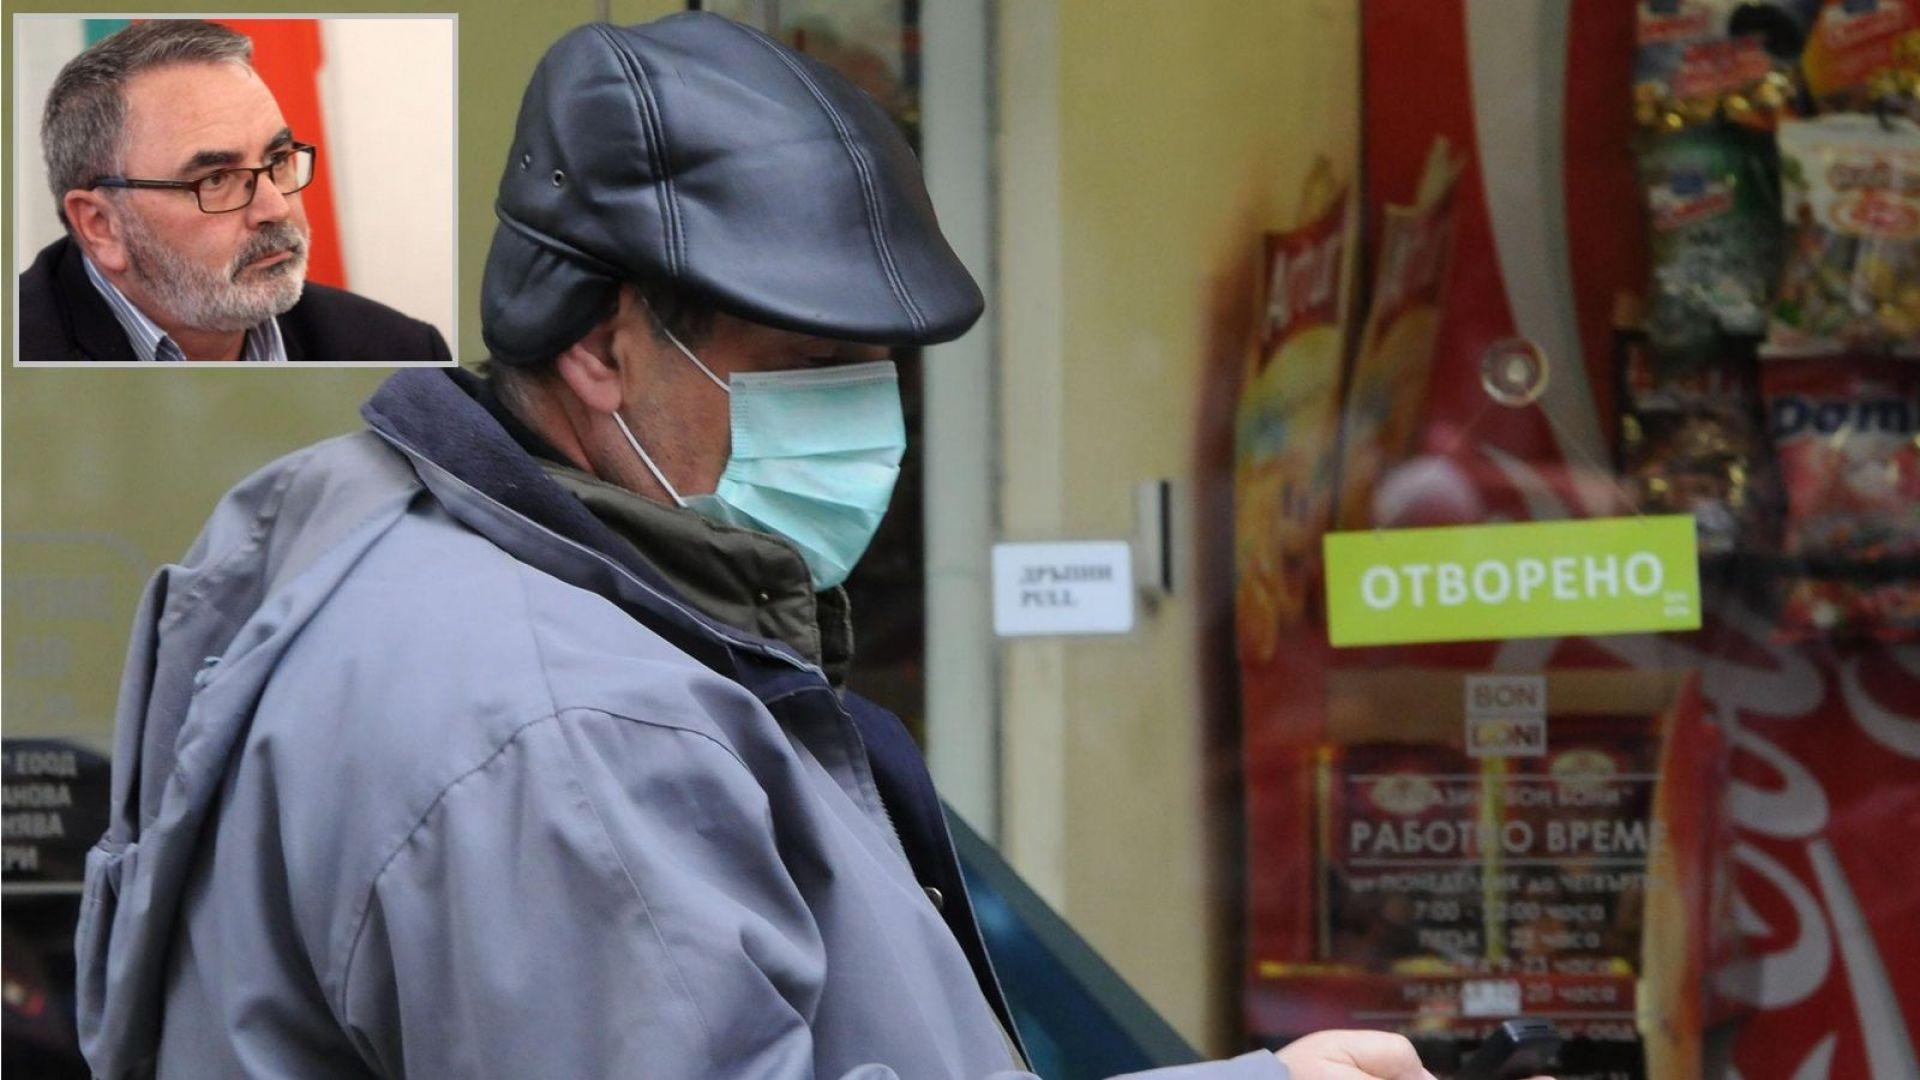 Д-р Ангел Кунчев пред Dir.bg: Имаме 1-2 седмици до грипната епидемия, маските не помагат